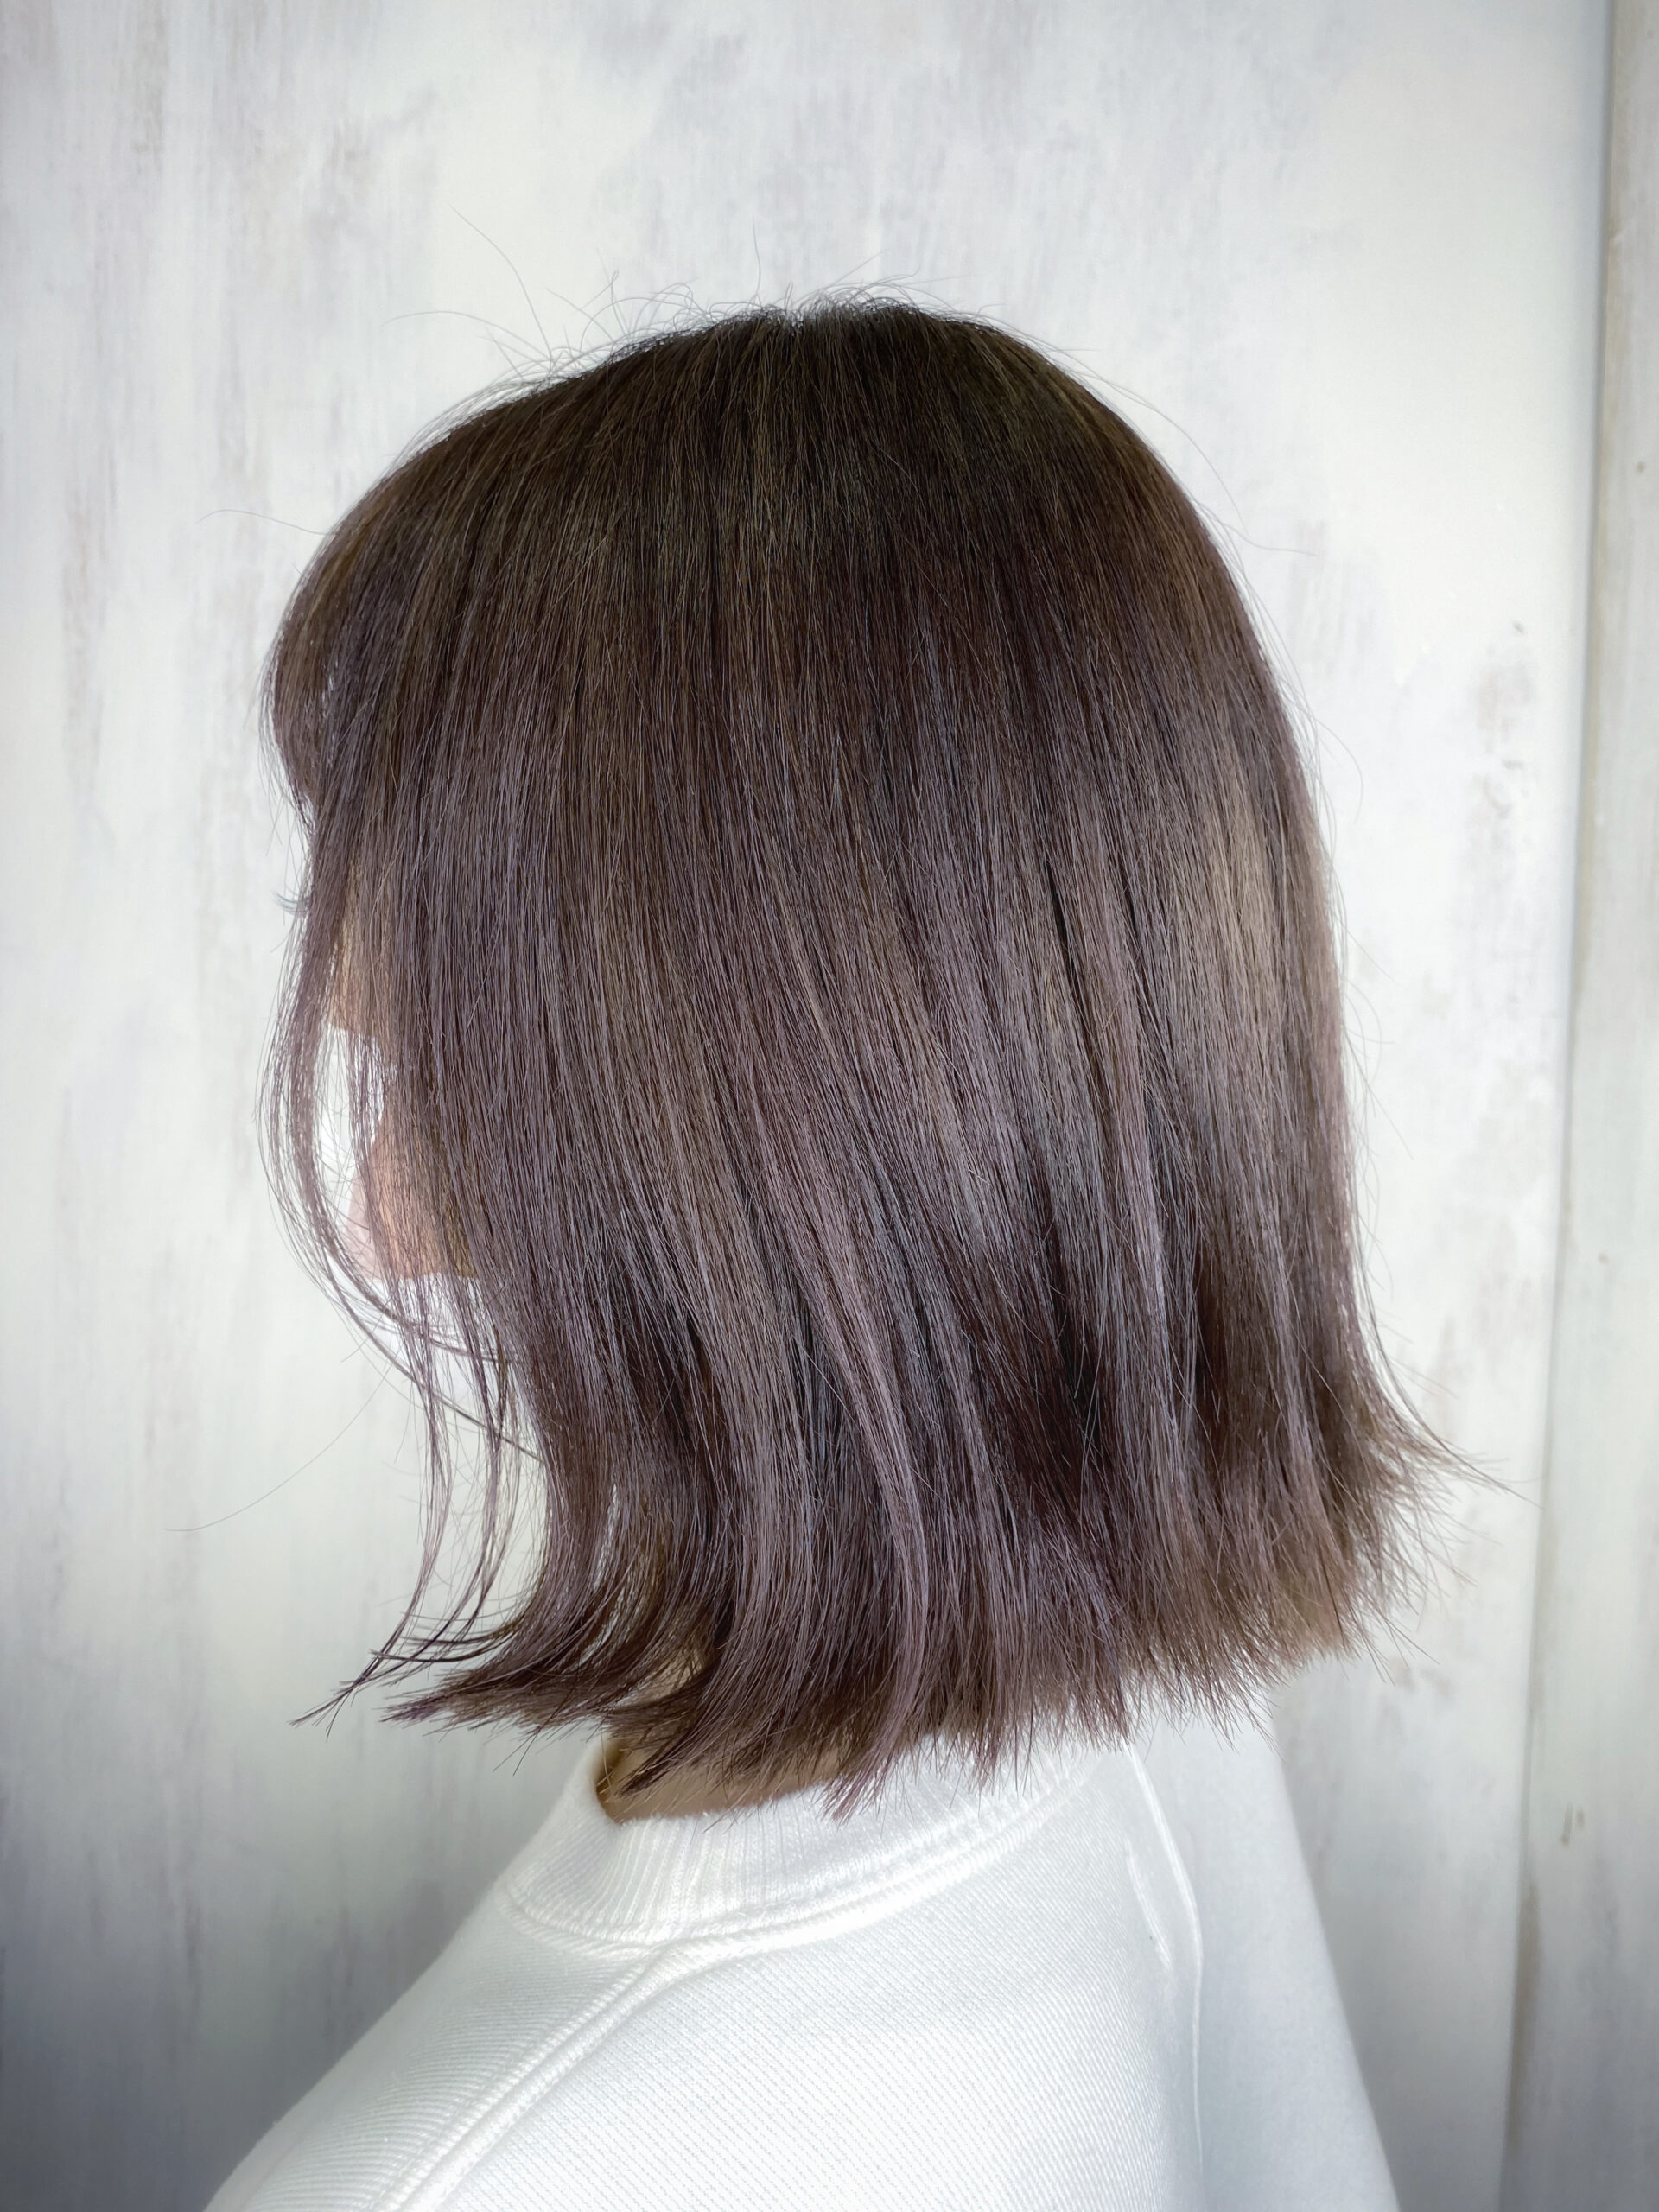 ブリーチ毛の方をジュエリーシステム×LULUトリートメント×縮毛矯正